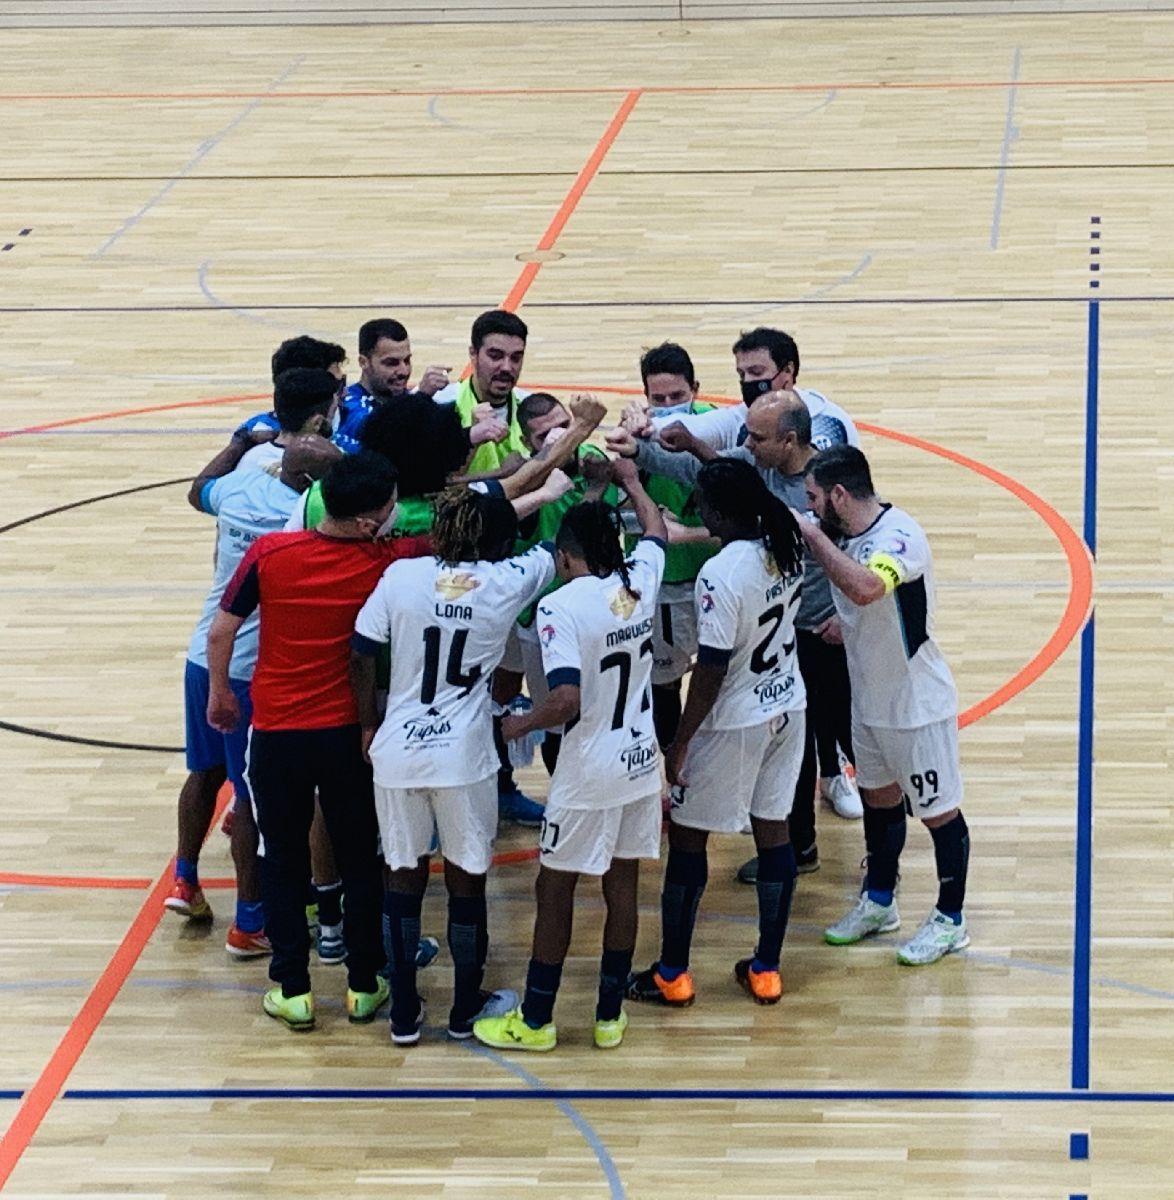 Fiers de notre équipe FUTSAL Champion Ligue 1 Série B